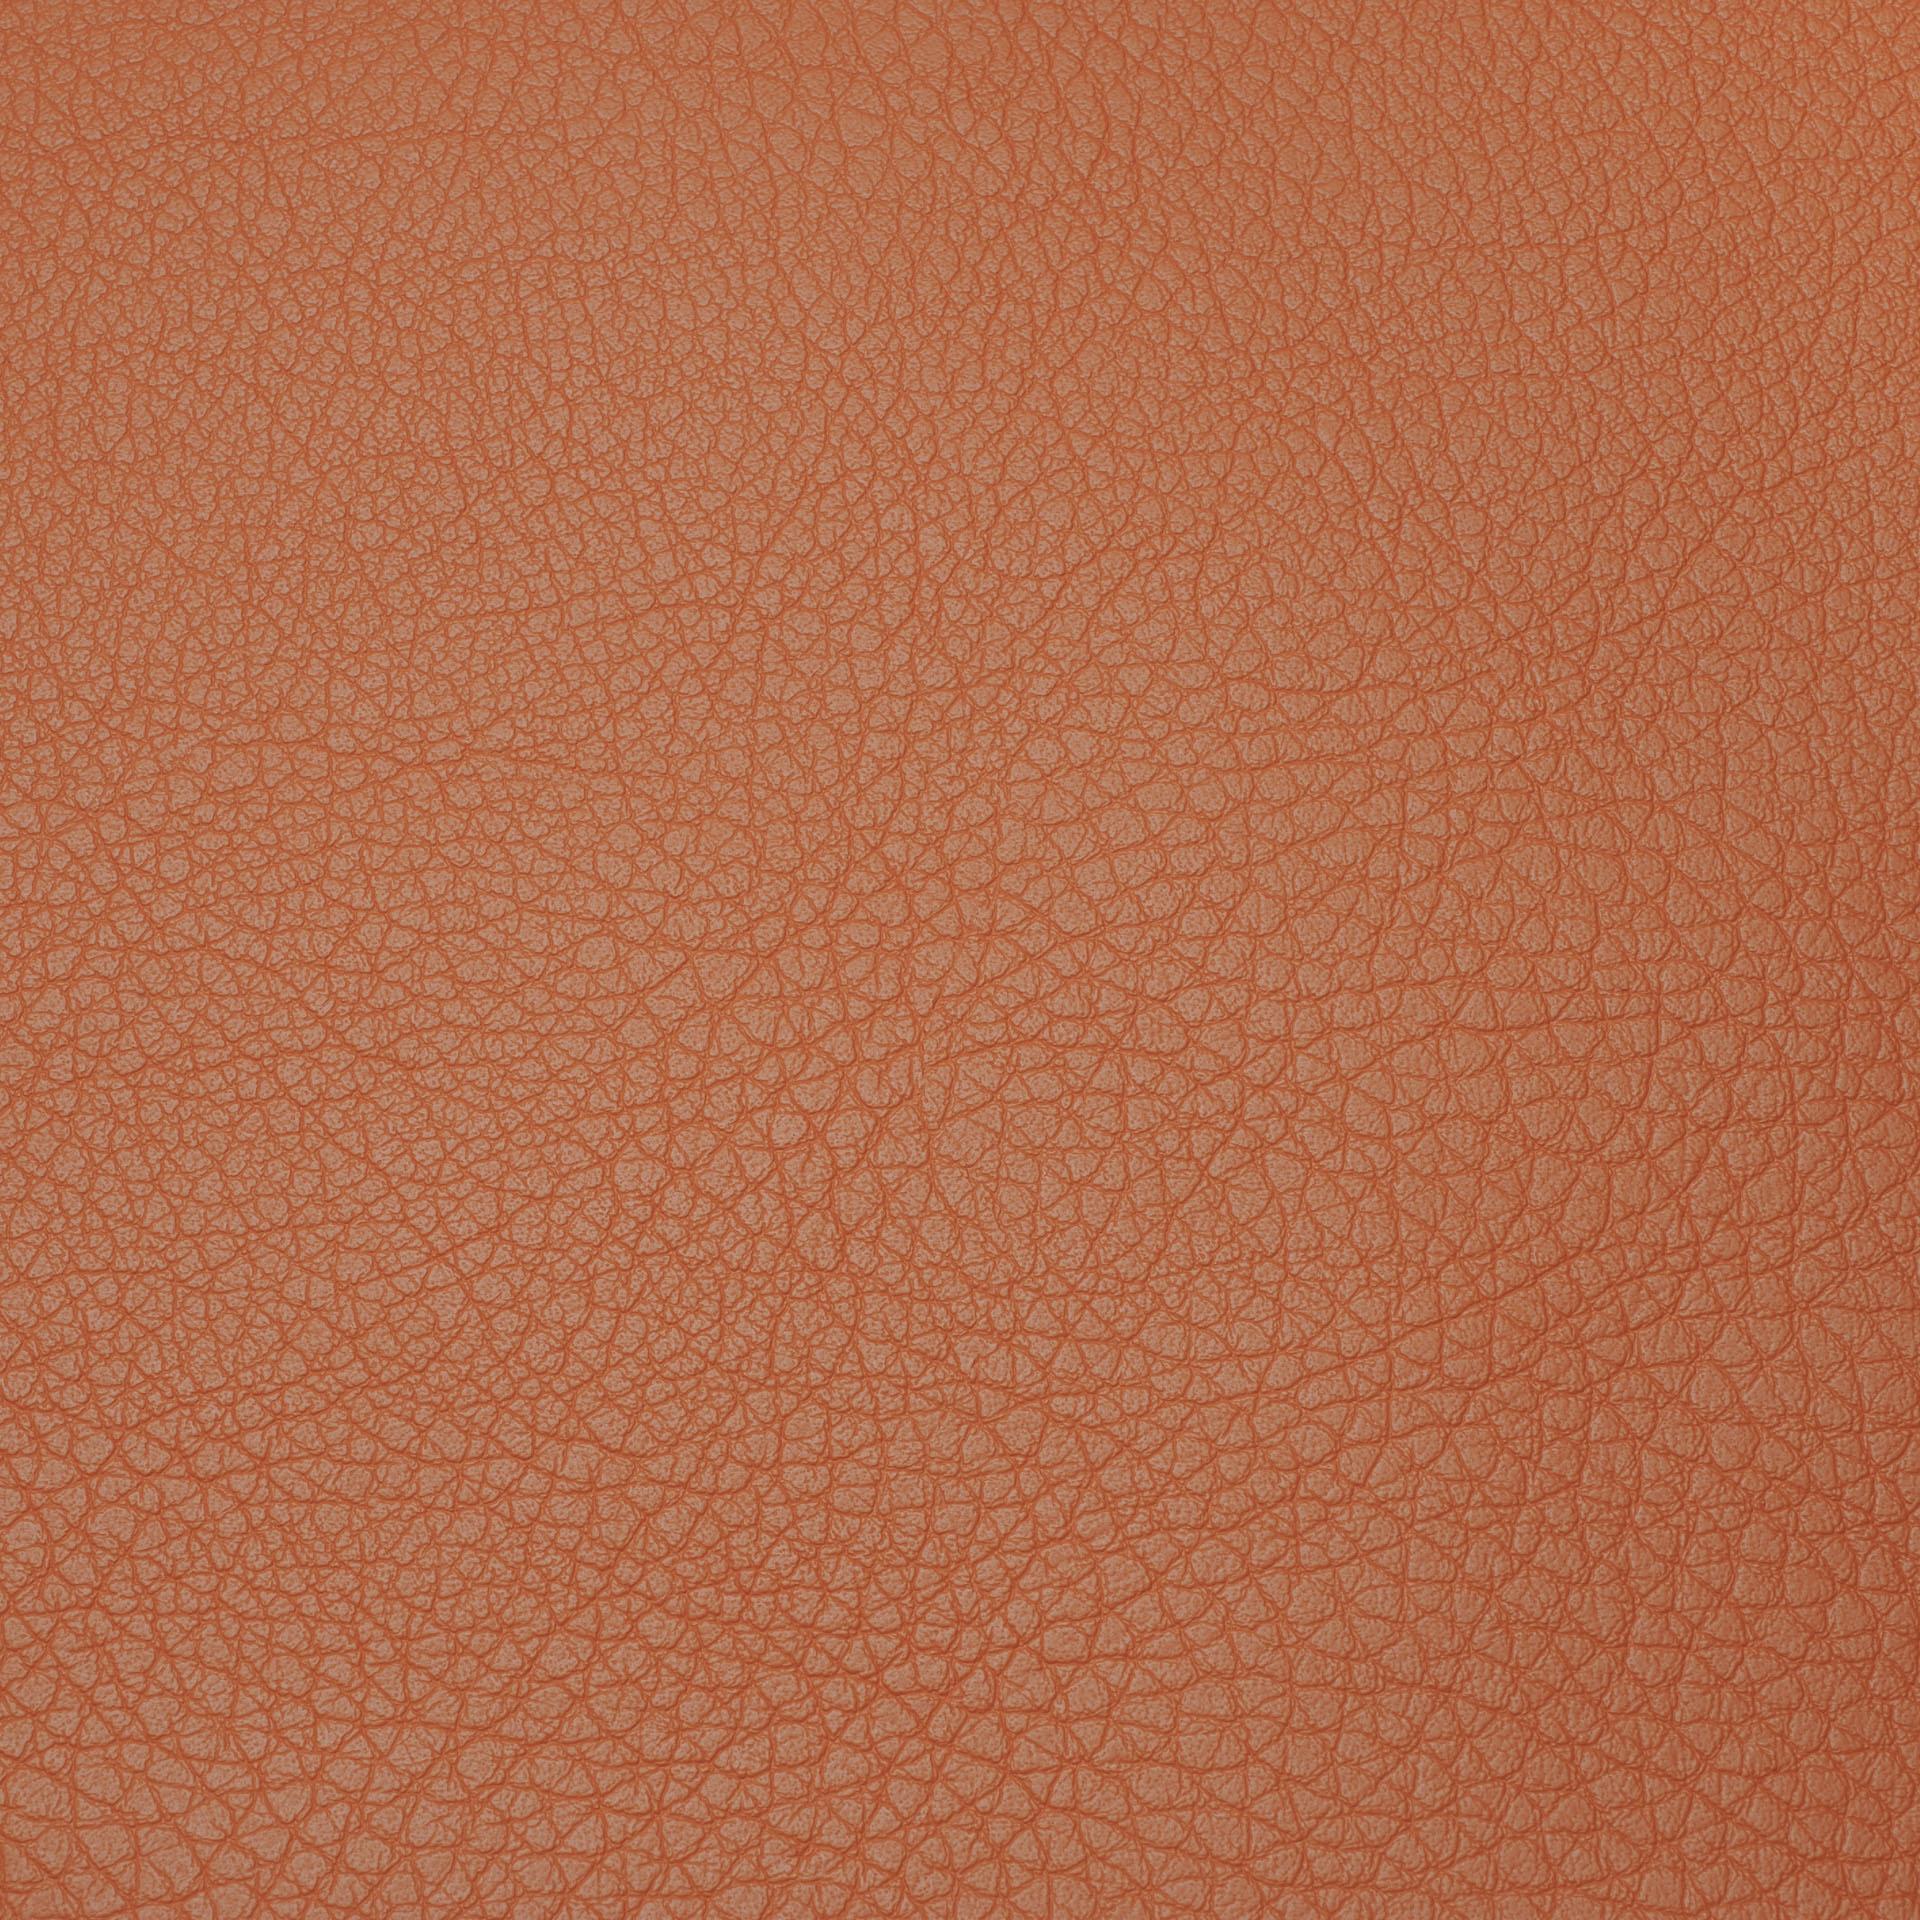 Коллекция ткани Софитель 09 Orange Fruit,  купить ткань Кож зам для мебели Украина